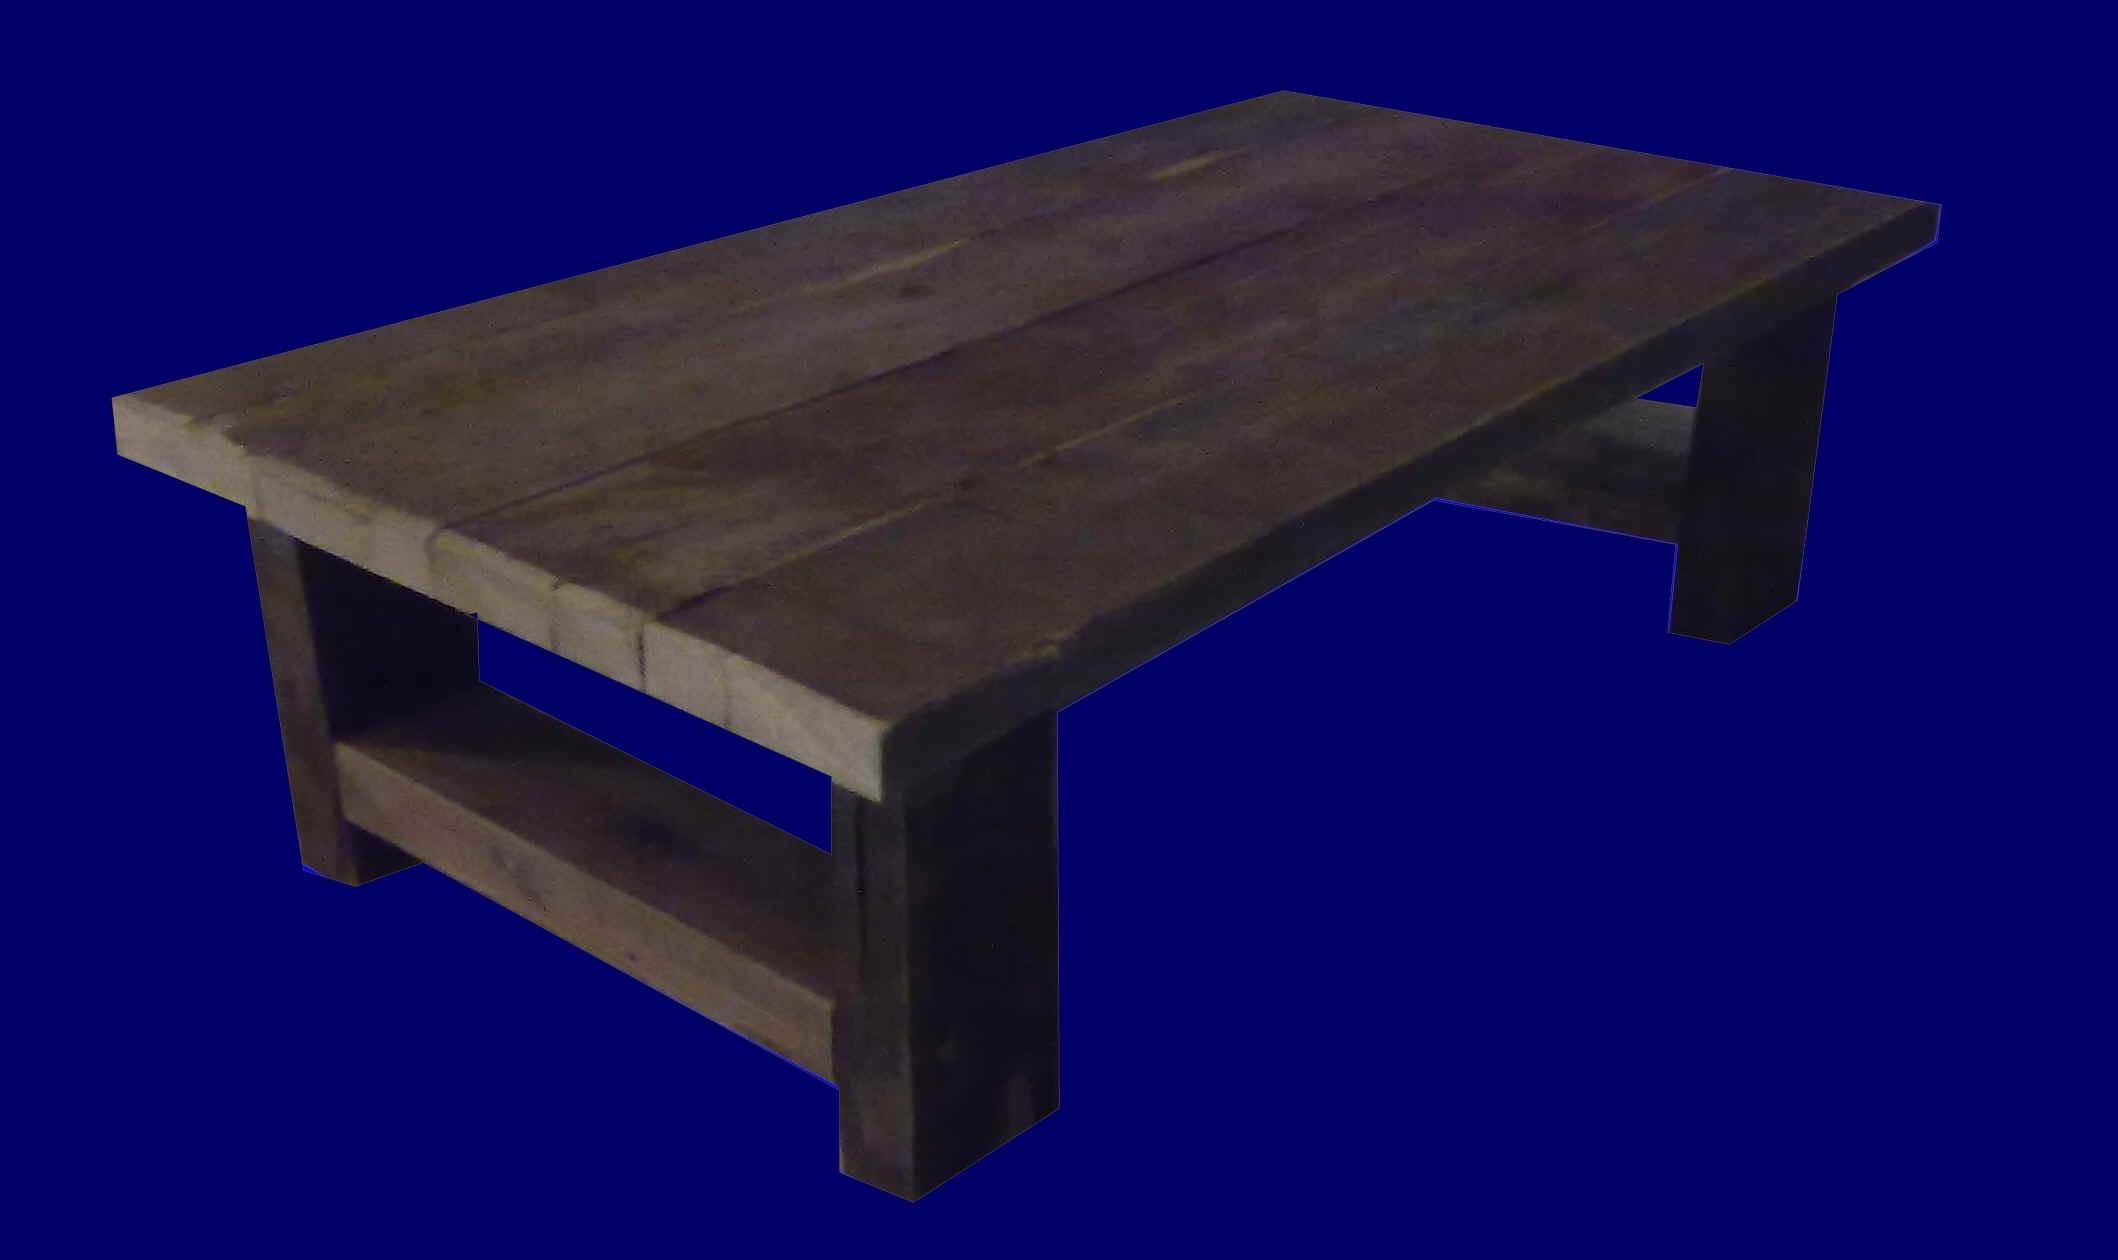 couchtische von altes und neues holz f r innen und aussen auch anfertigung. Black Bedroom Furniture Sets. Home Design Ideas